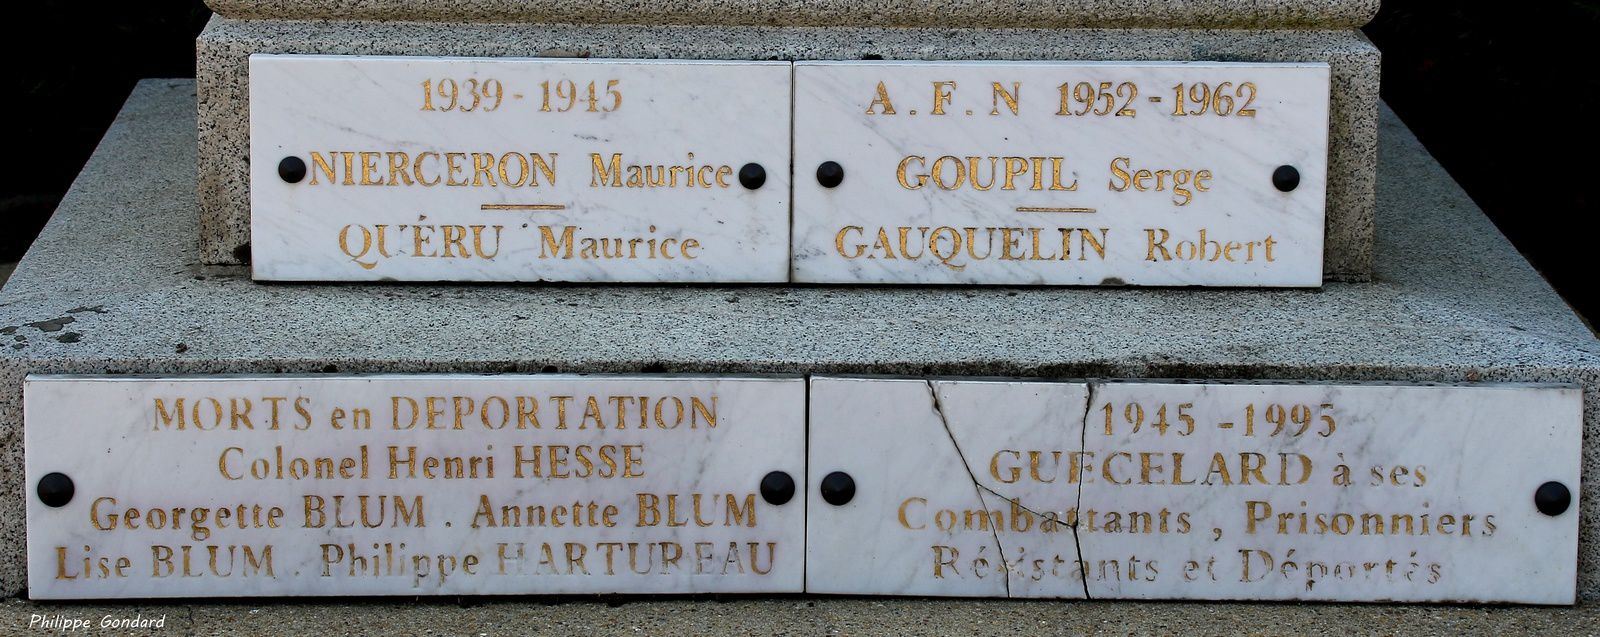 Monument aux morts de Guécélard